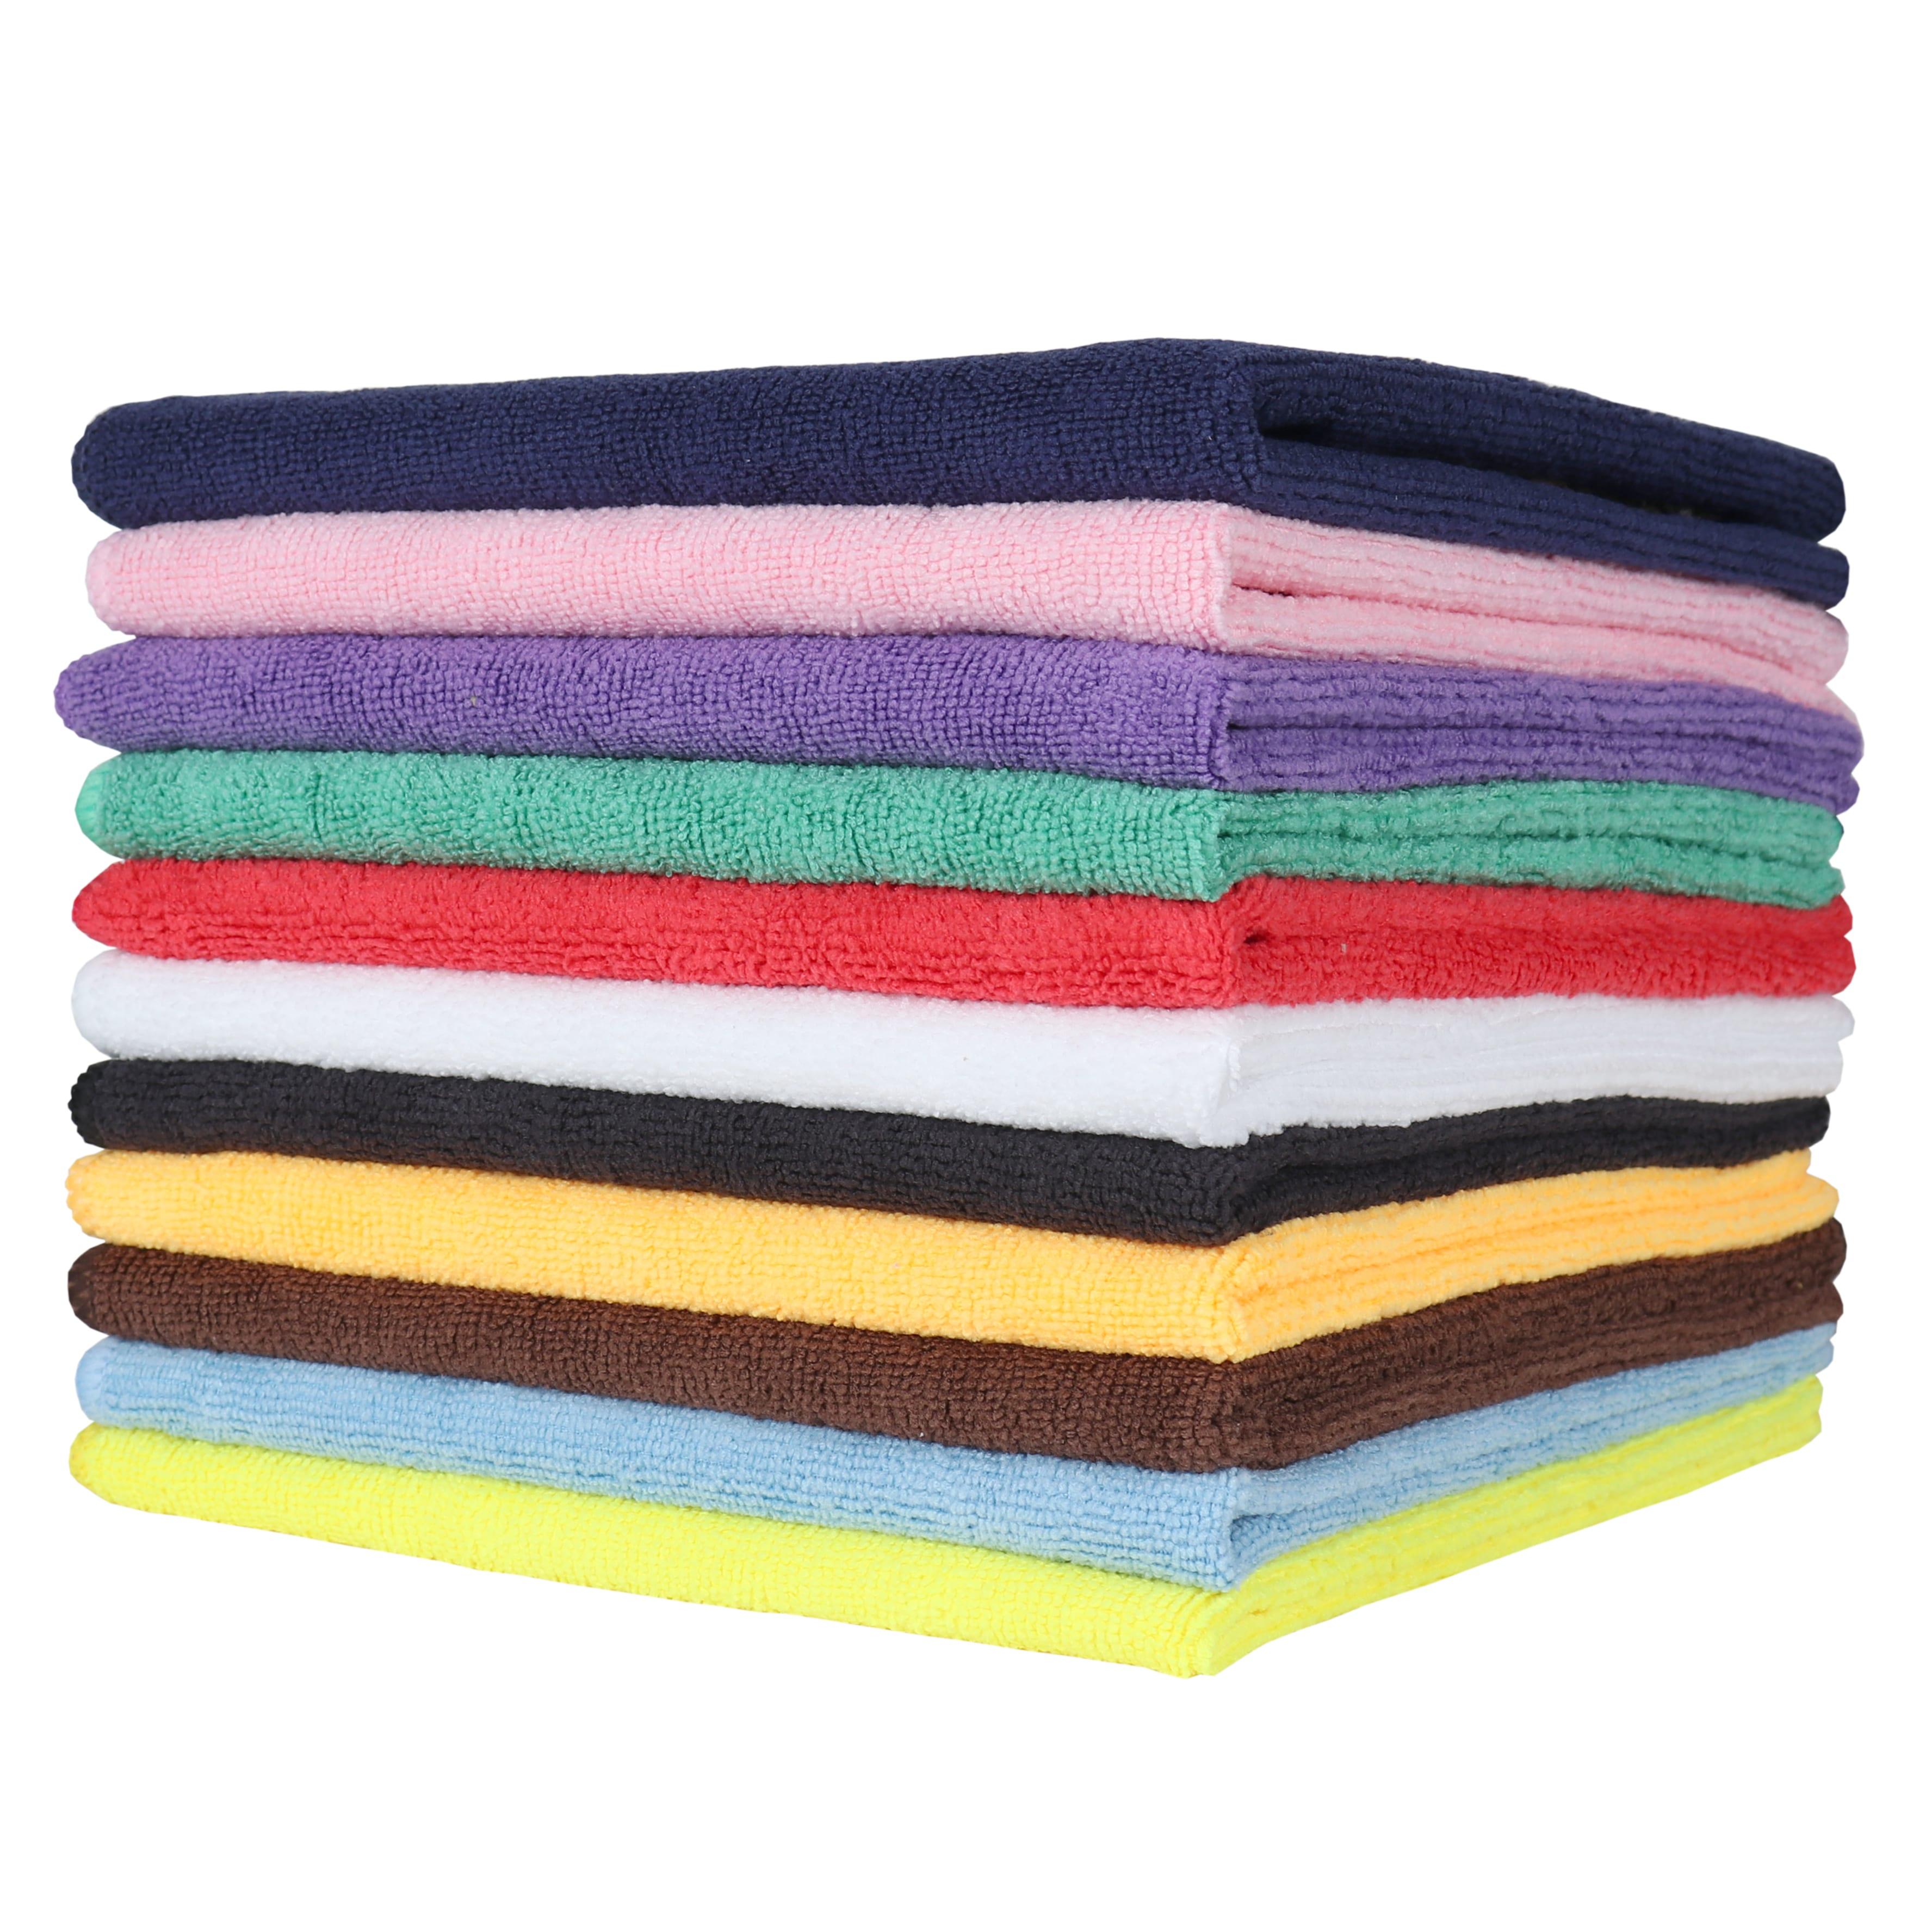 12x12 Microfiber Cloth - 30 gram, 45 gram, 49 gram